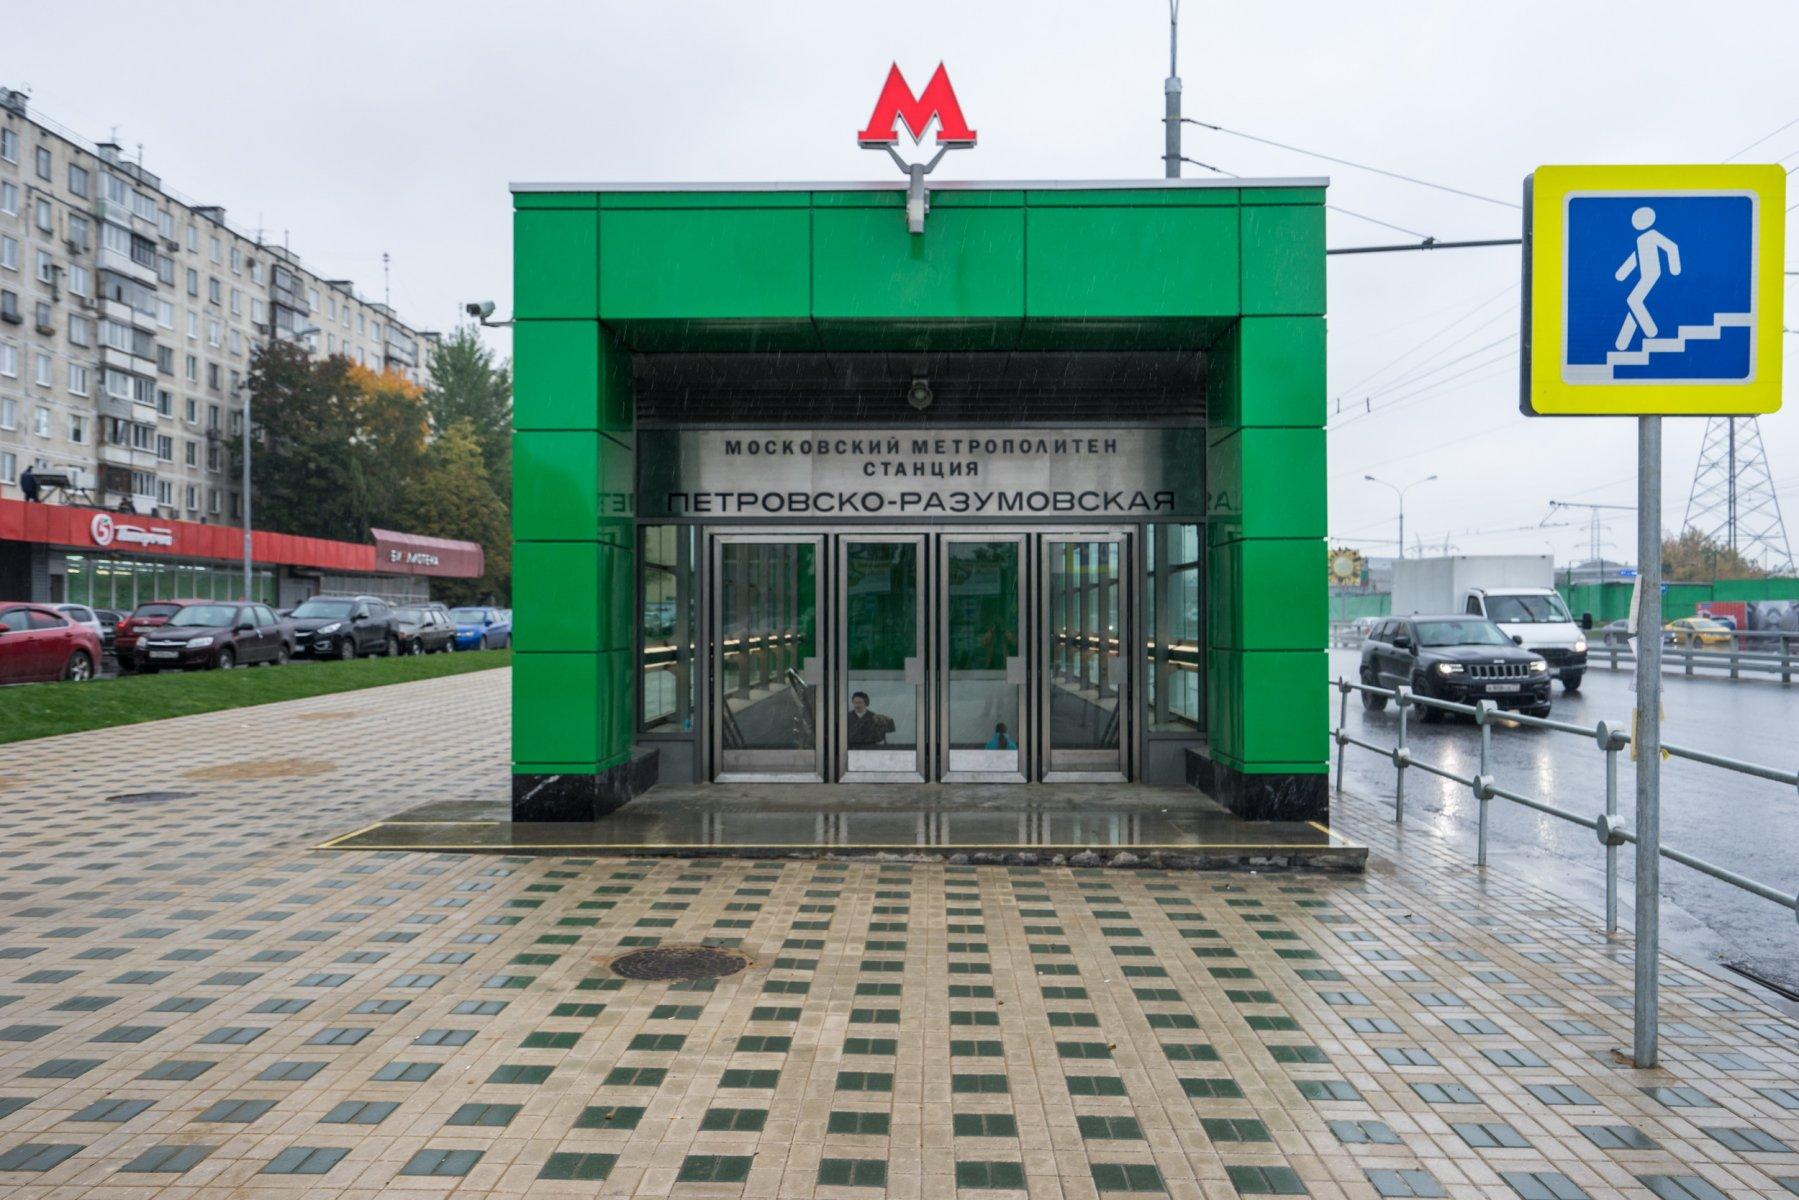 В метро Москвы началось тестирование системы доступа по биометрии